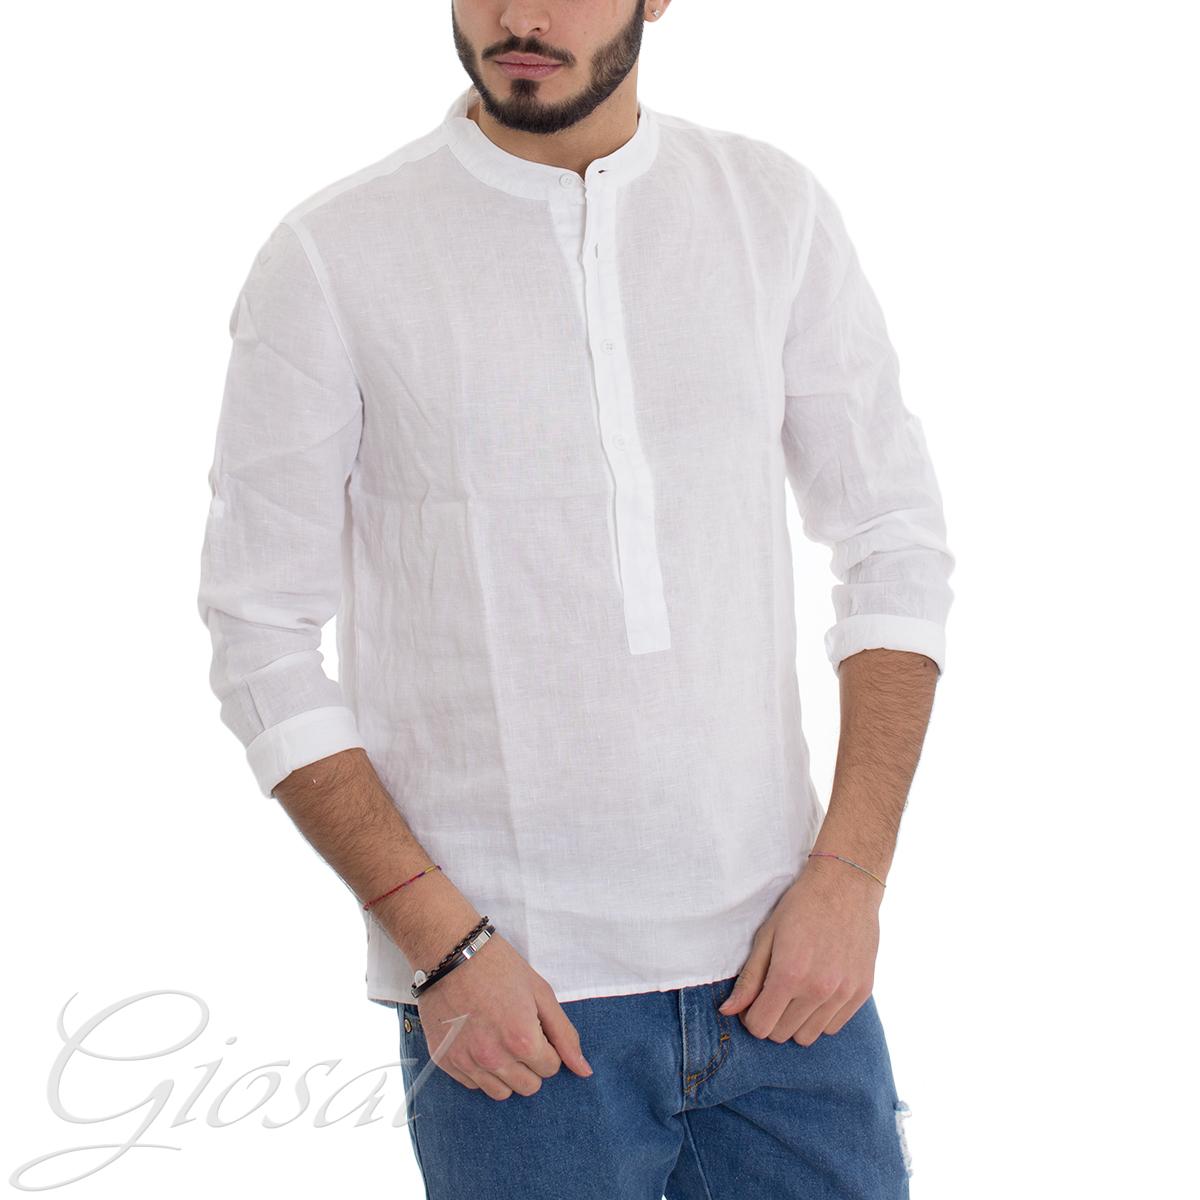 3f79ca867b Dettagli su Camicia Uomo Puro Lino Collo Coreano Serafino Tinta Unita  Bianca GIOSAL